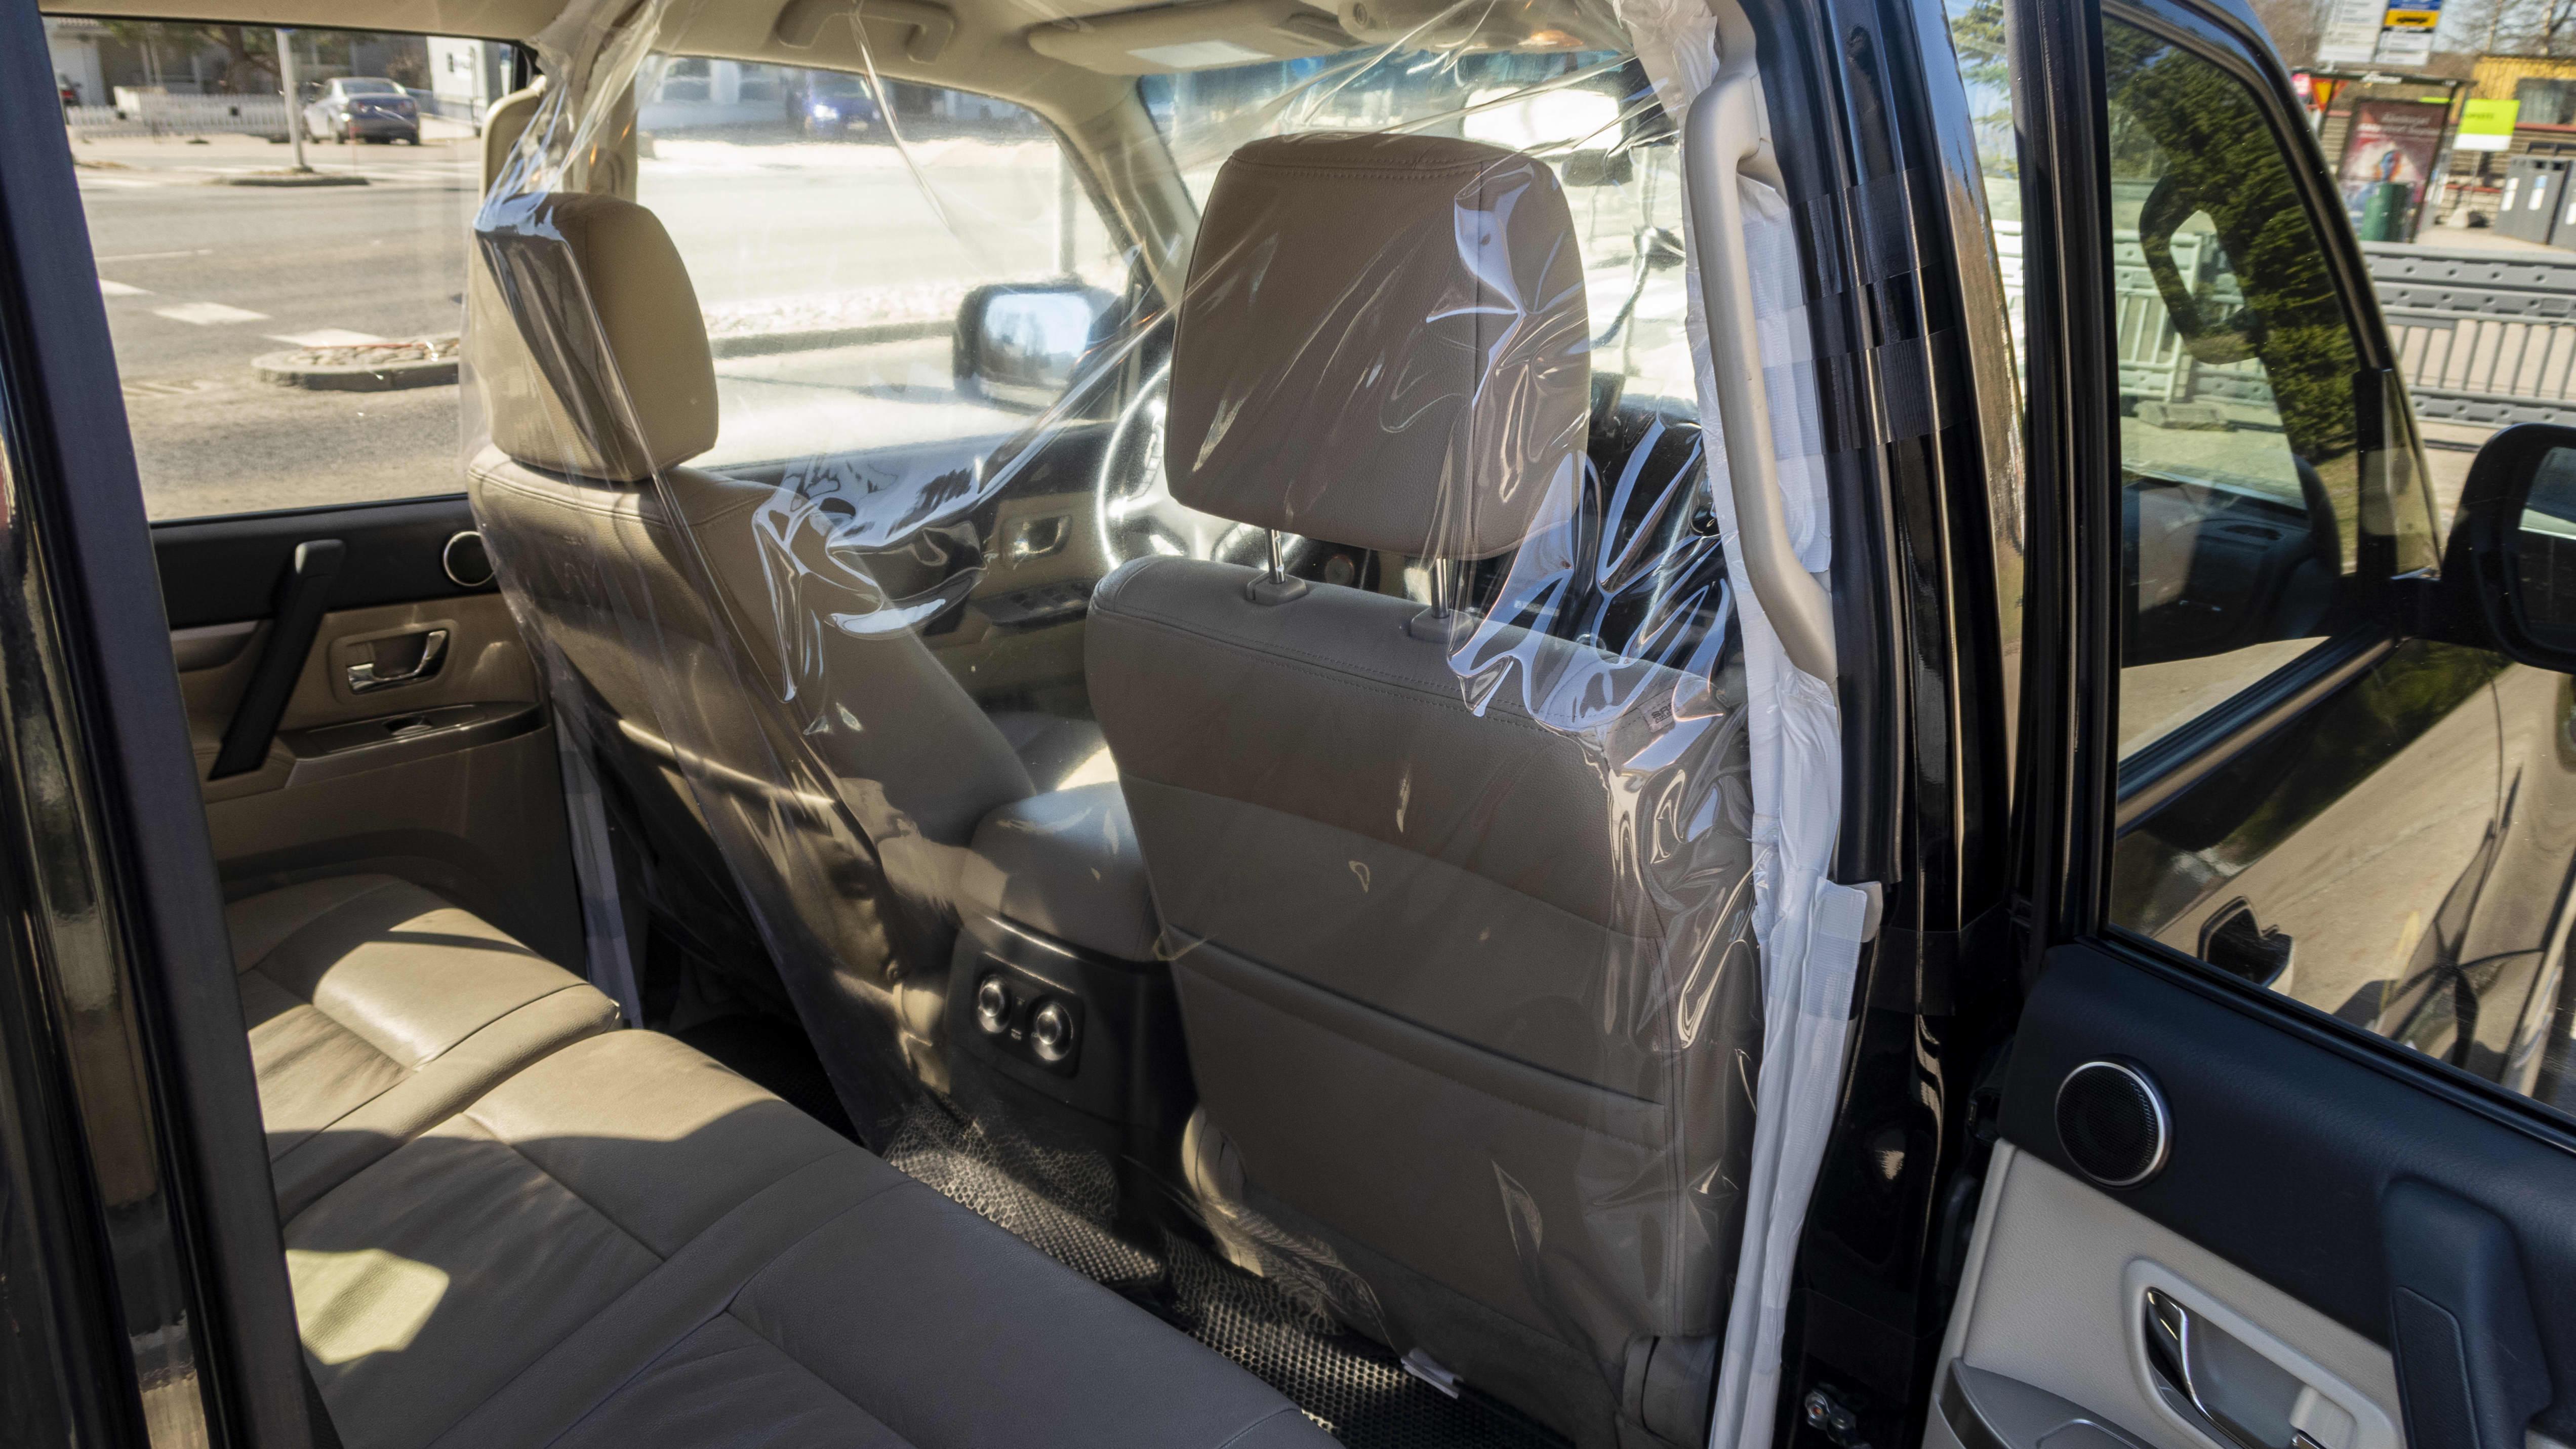 Koronaviruksen leviämistä vastaan asetettu suojamuovi taksissa